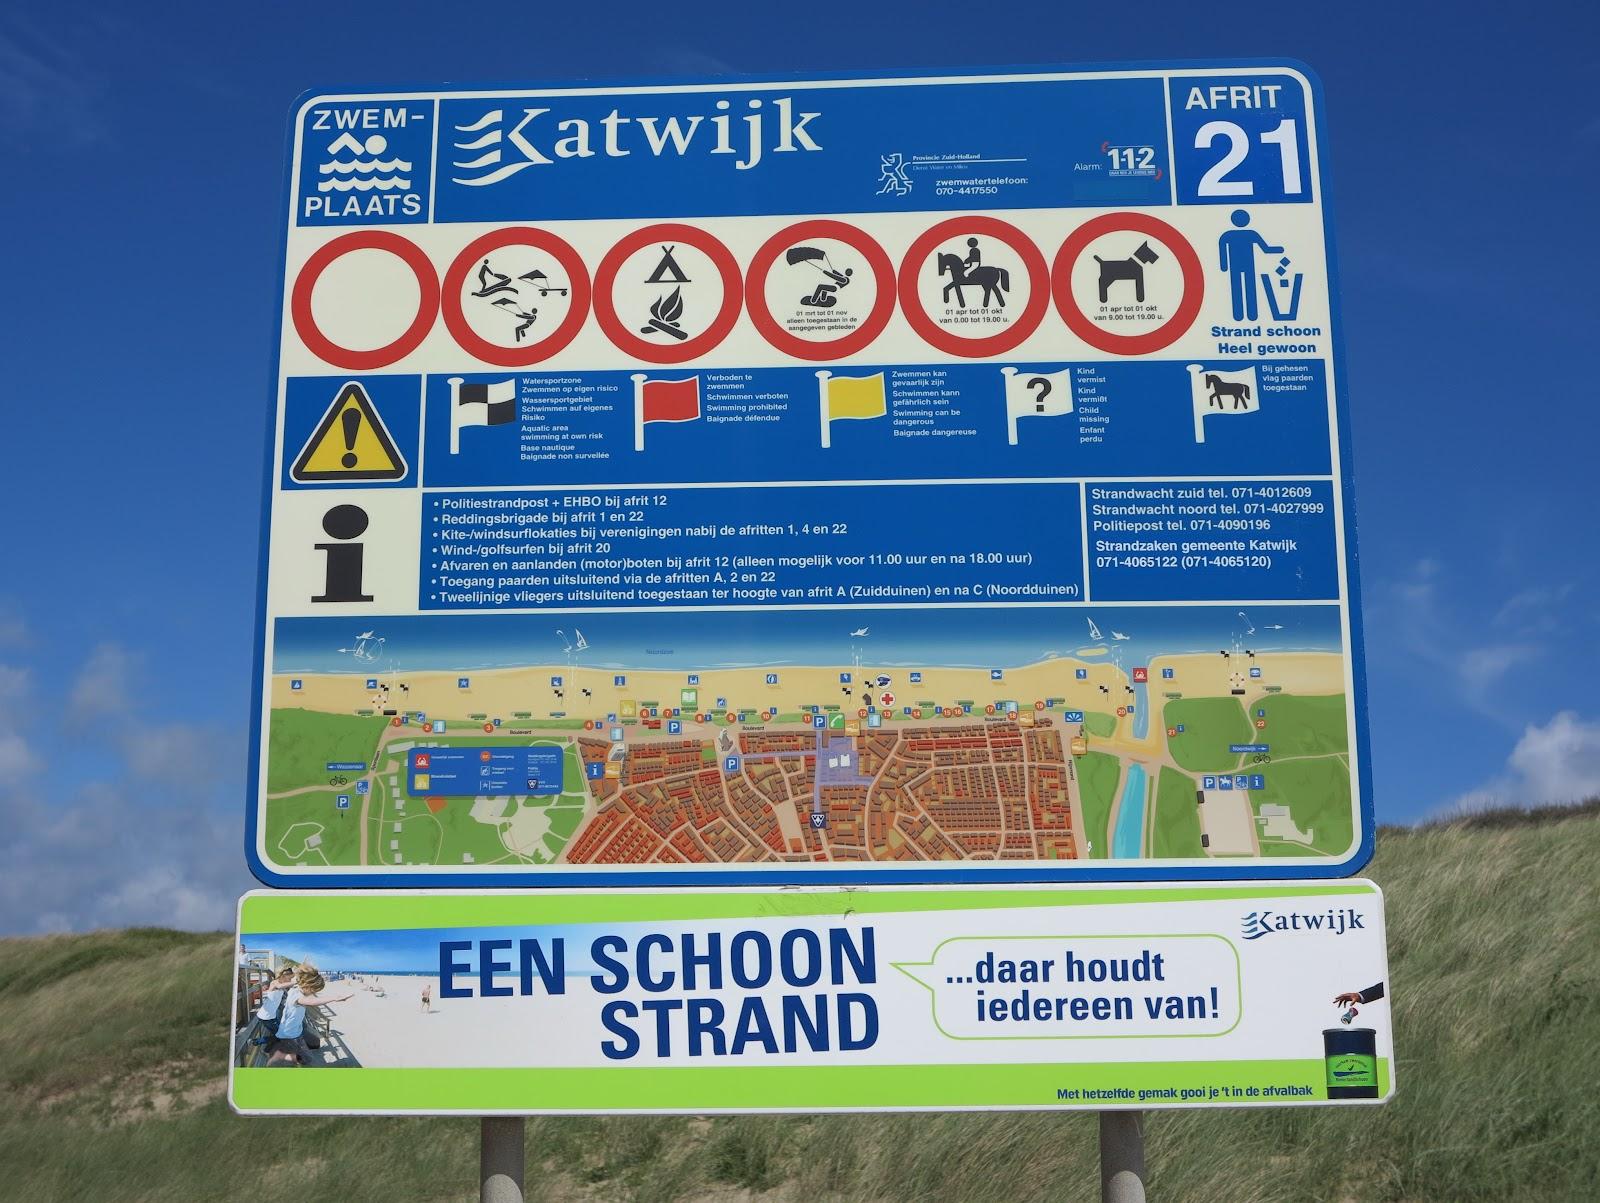 Strandregels Katwijk